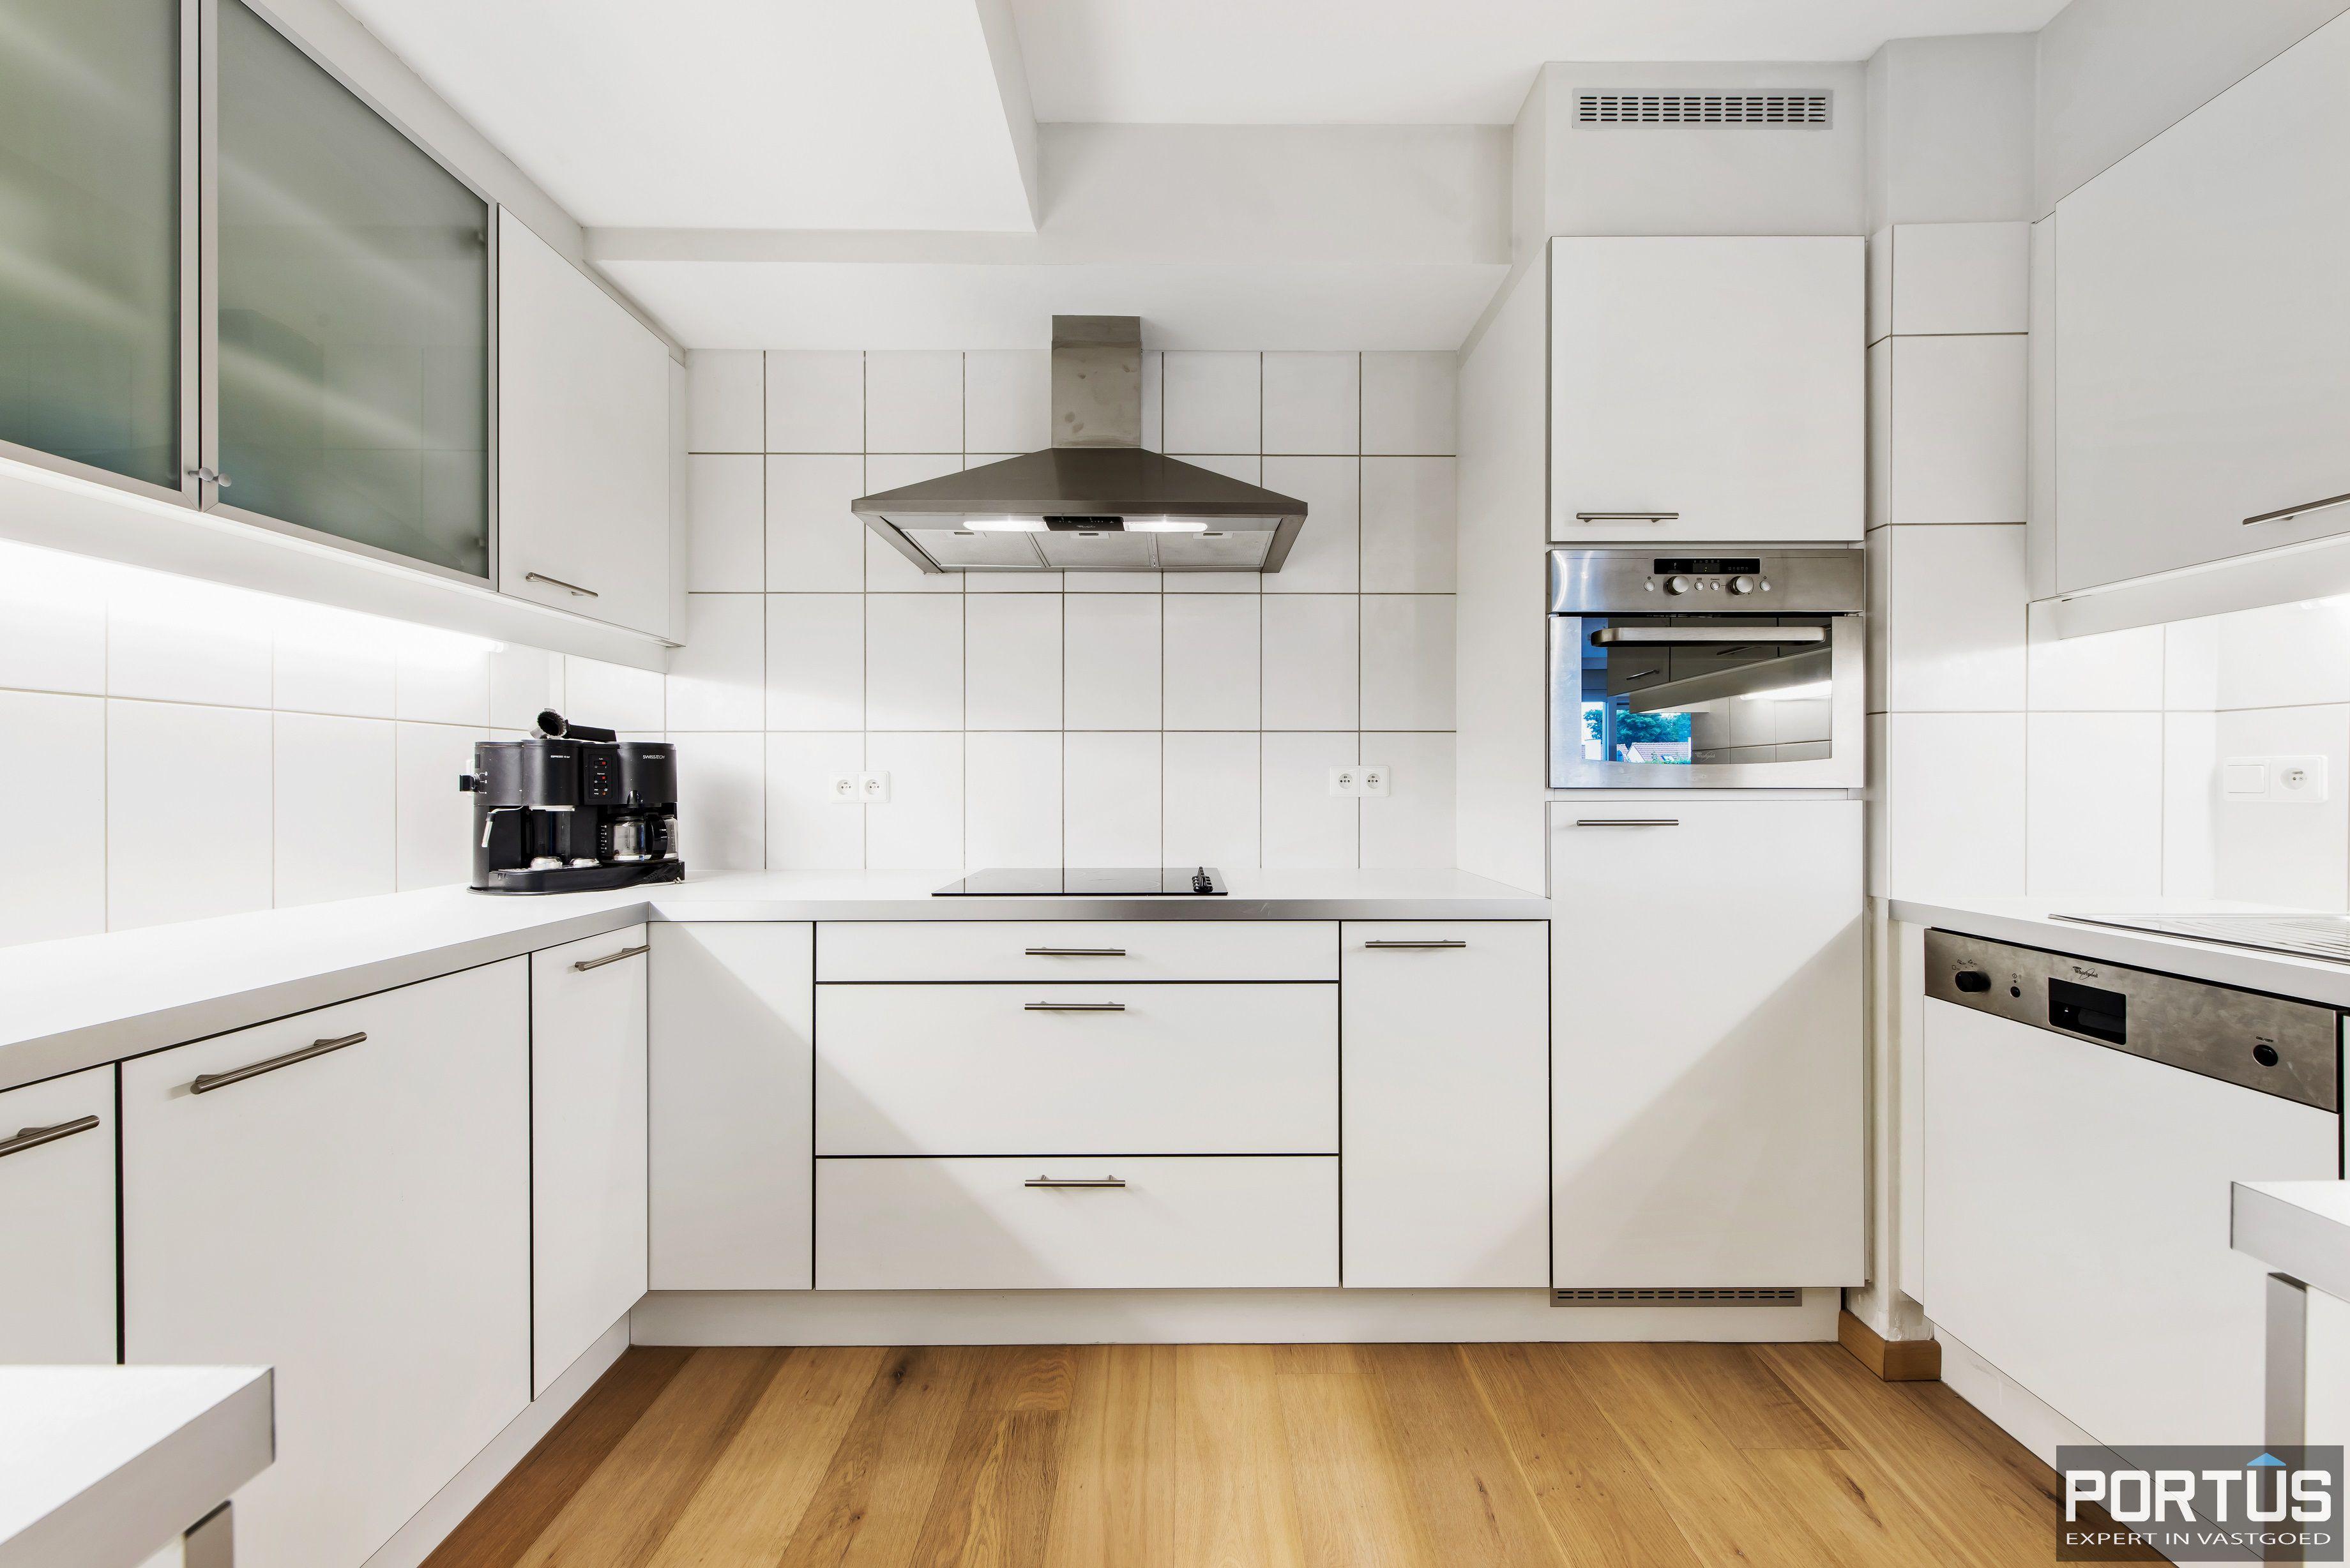 Gelijkvloers appartement te koop met 2 slaapkamers en privé tuin - 9838